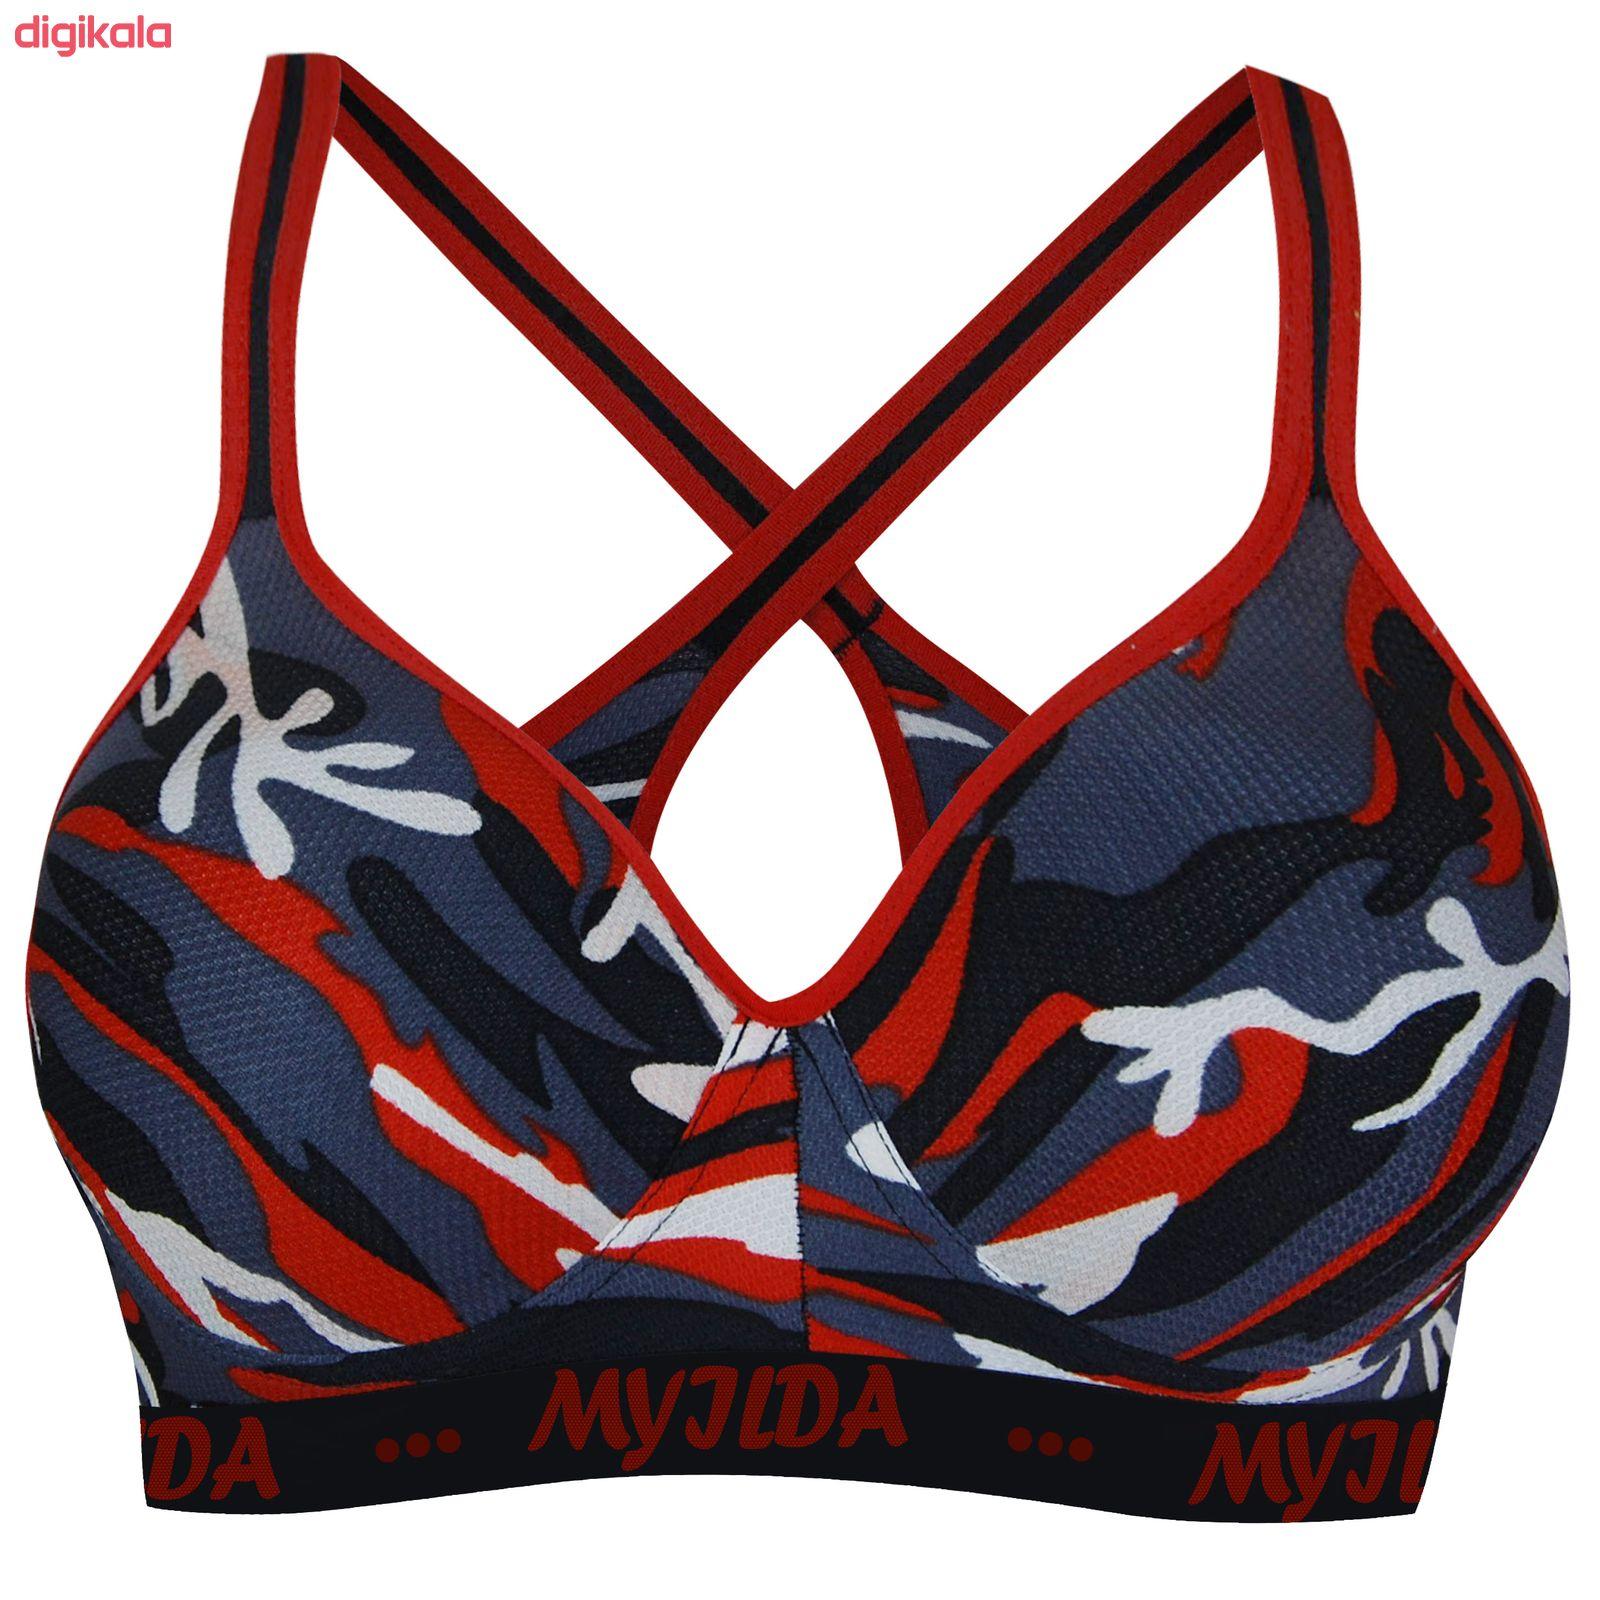 نیم تنه ورزشی زنانه ماییلدا مدل 3532-1 main 1 1